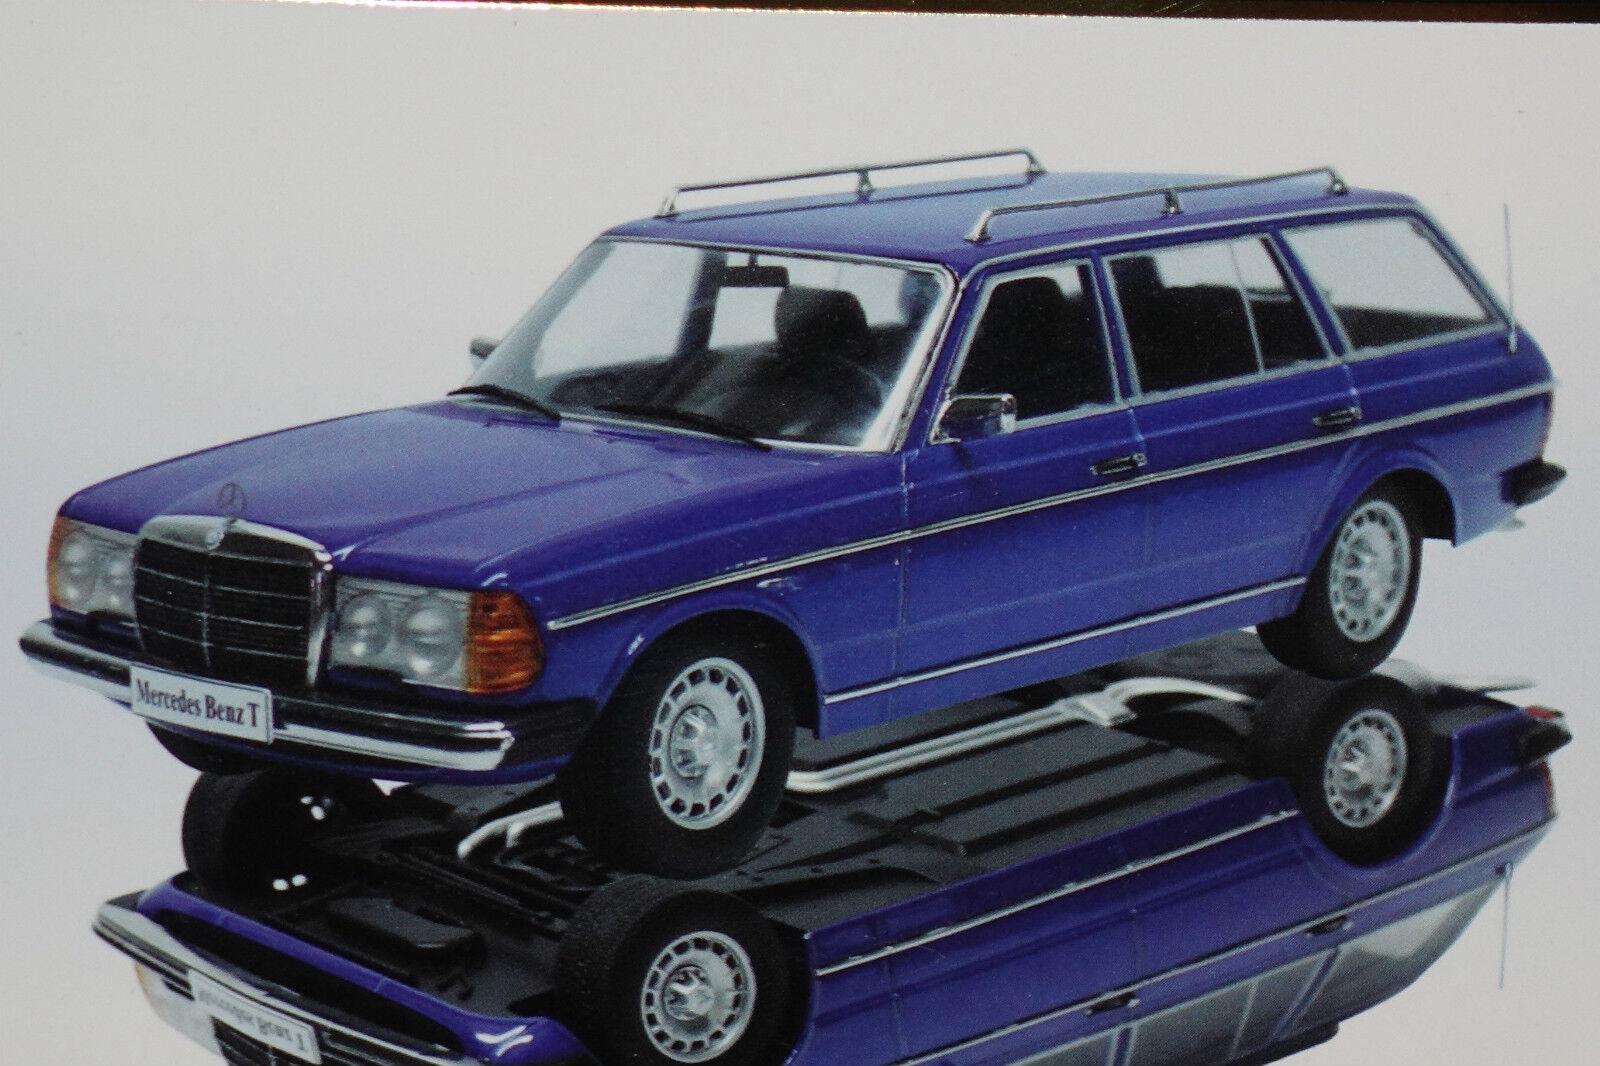 MERCEDES 250 t s123 bleu 1980 1 18 KK-scale NOUVEAU & OVP 180091